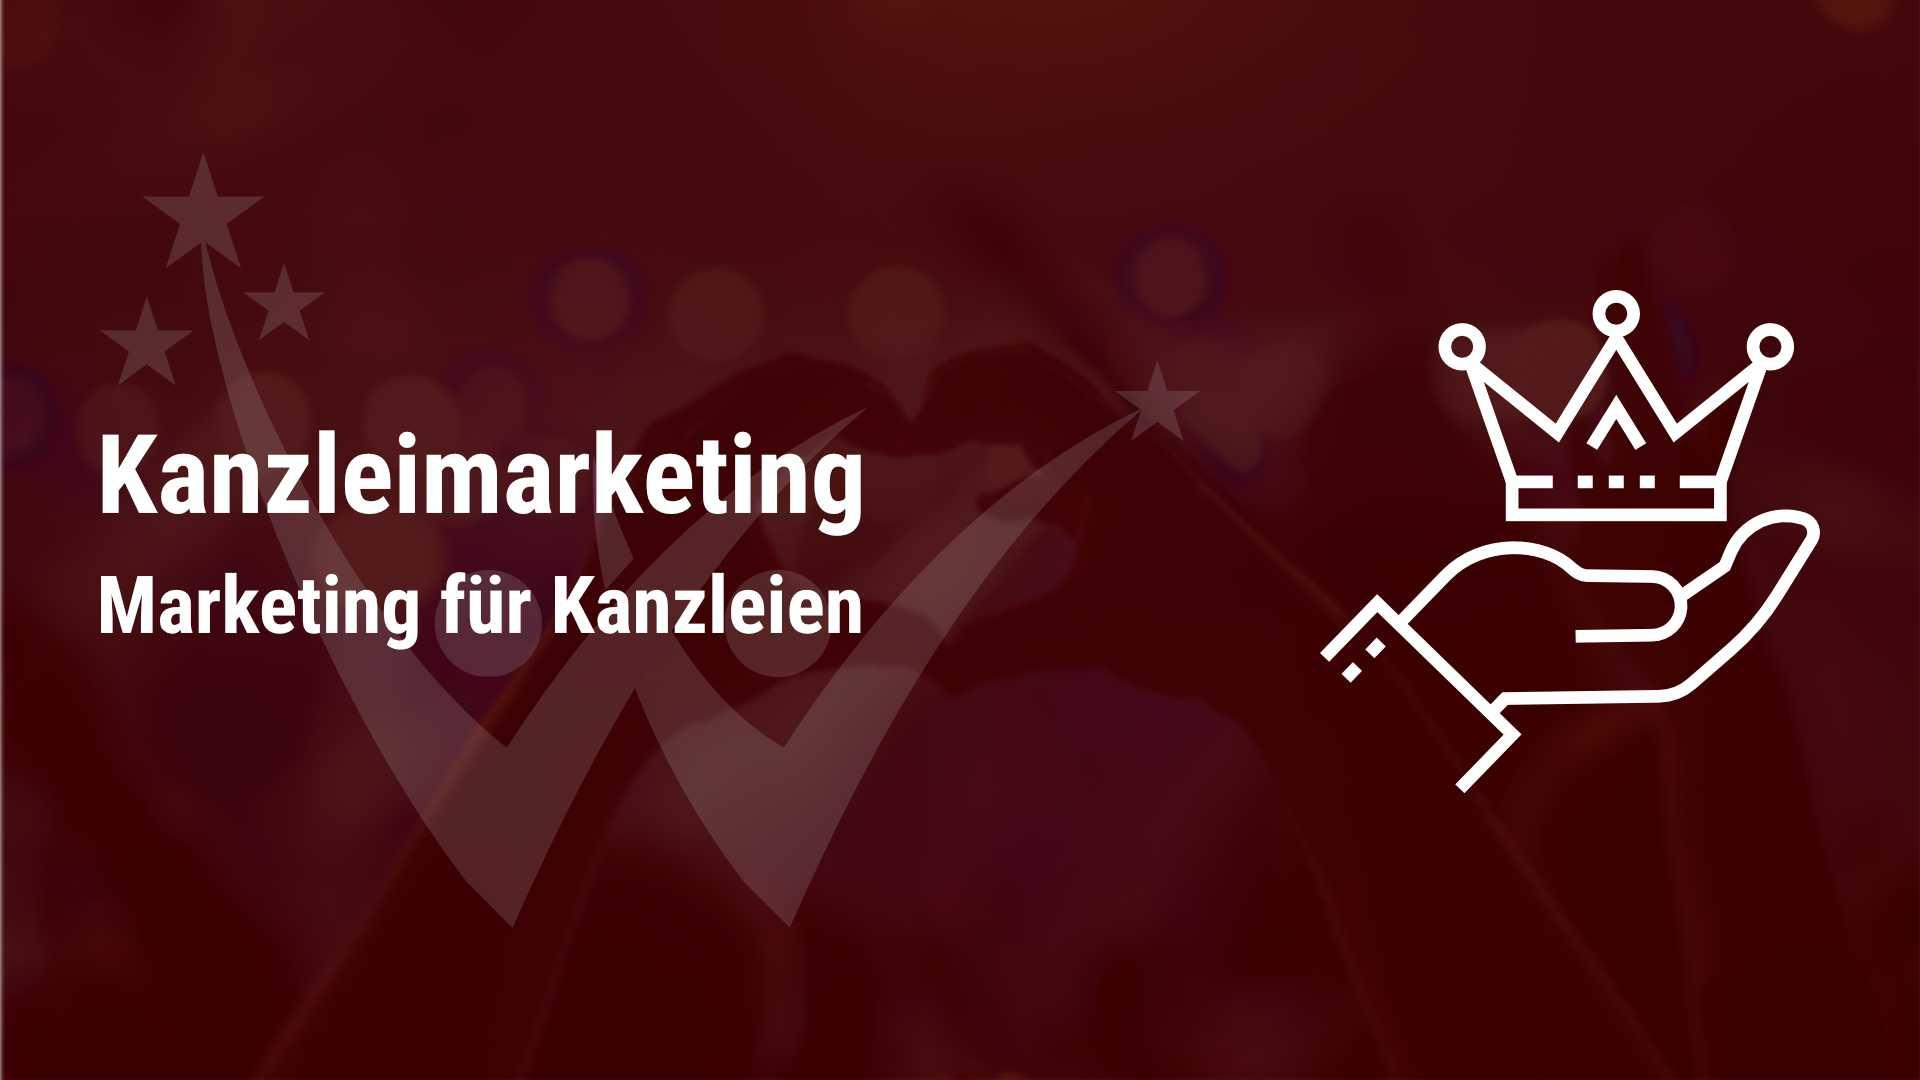 kanzleimarketing marketing fuer kanzleien winning marketing beit